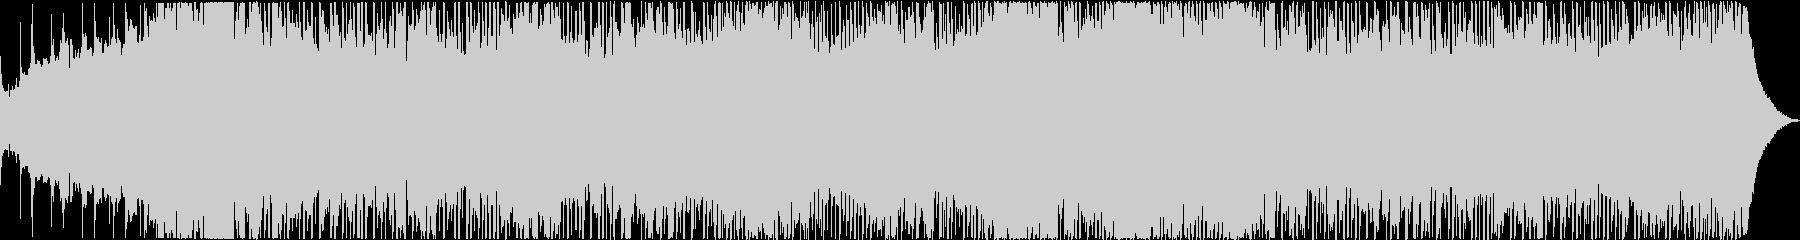 ブレイクビーツ ドラム & ベース...の未再生の波形